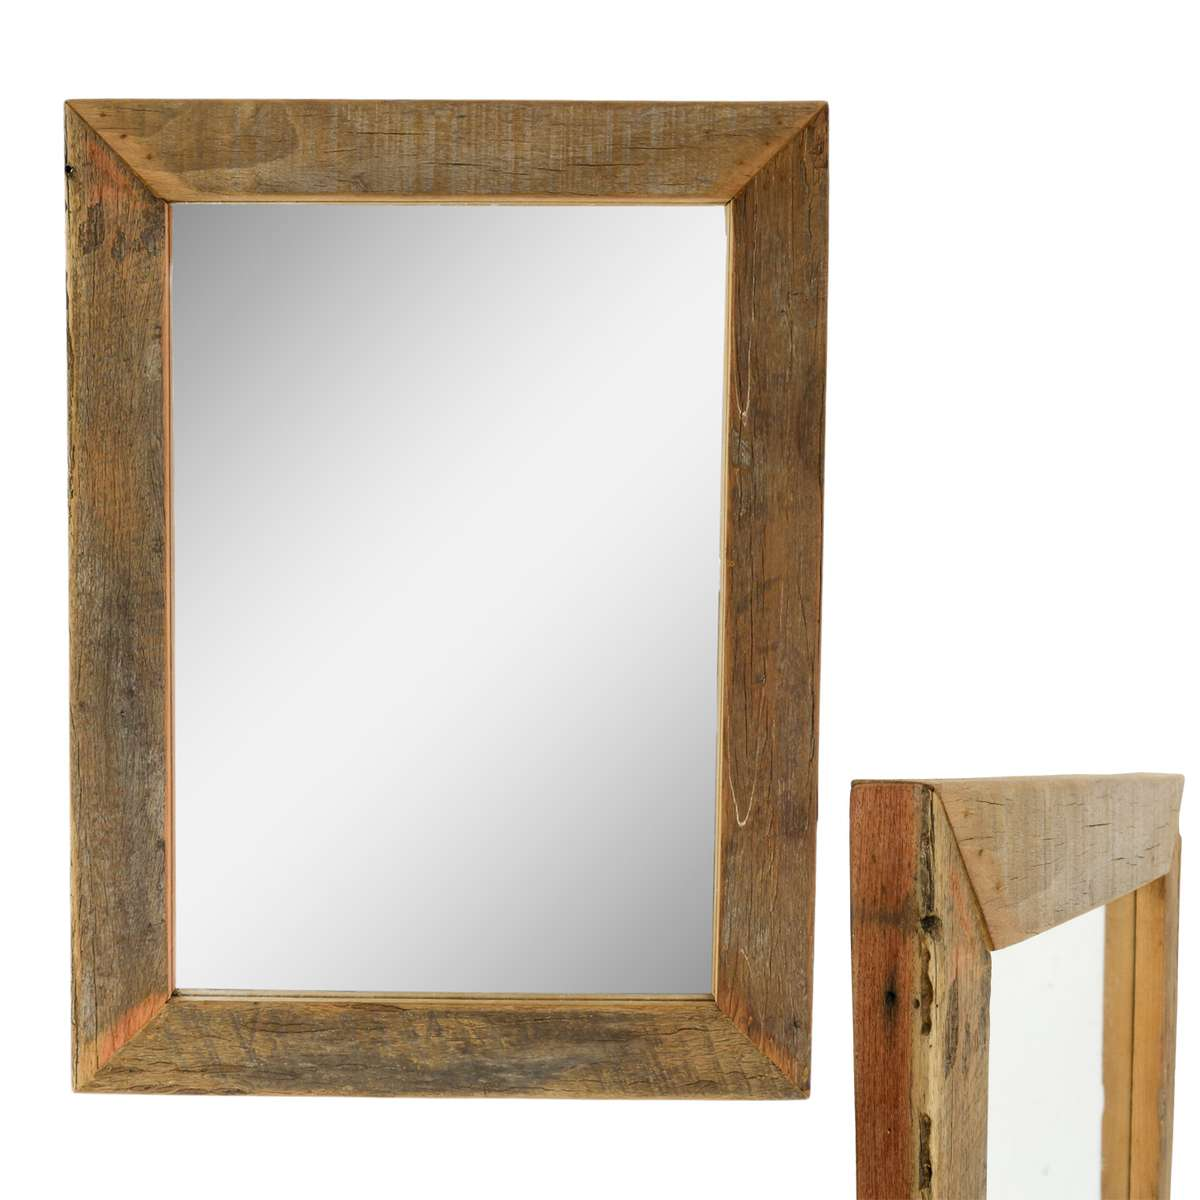 spiegel mit rahmen aus holz mosaik wandspiegel massiv holzrahmen ca 45 x 60 cm ebay